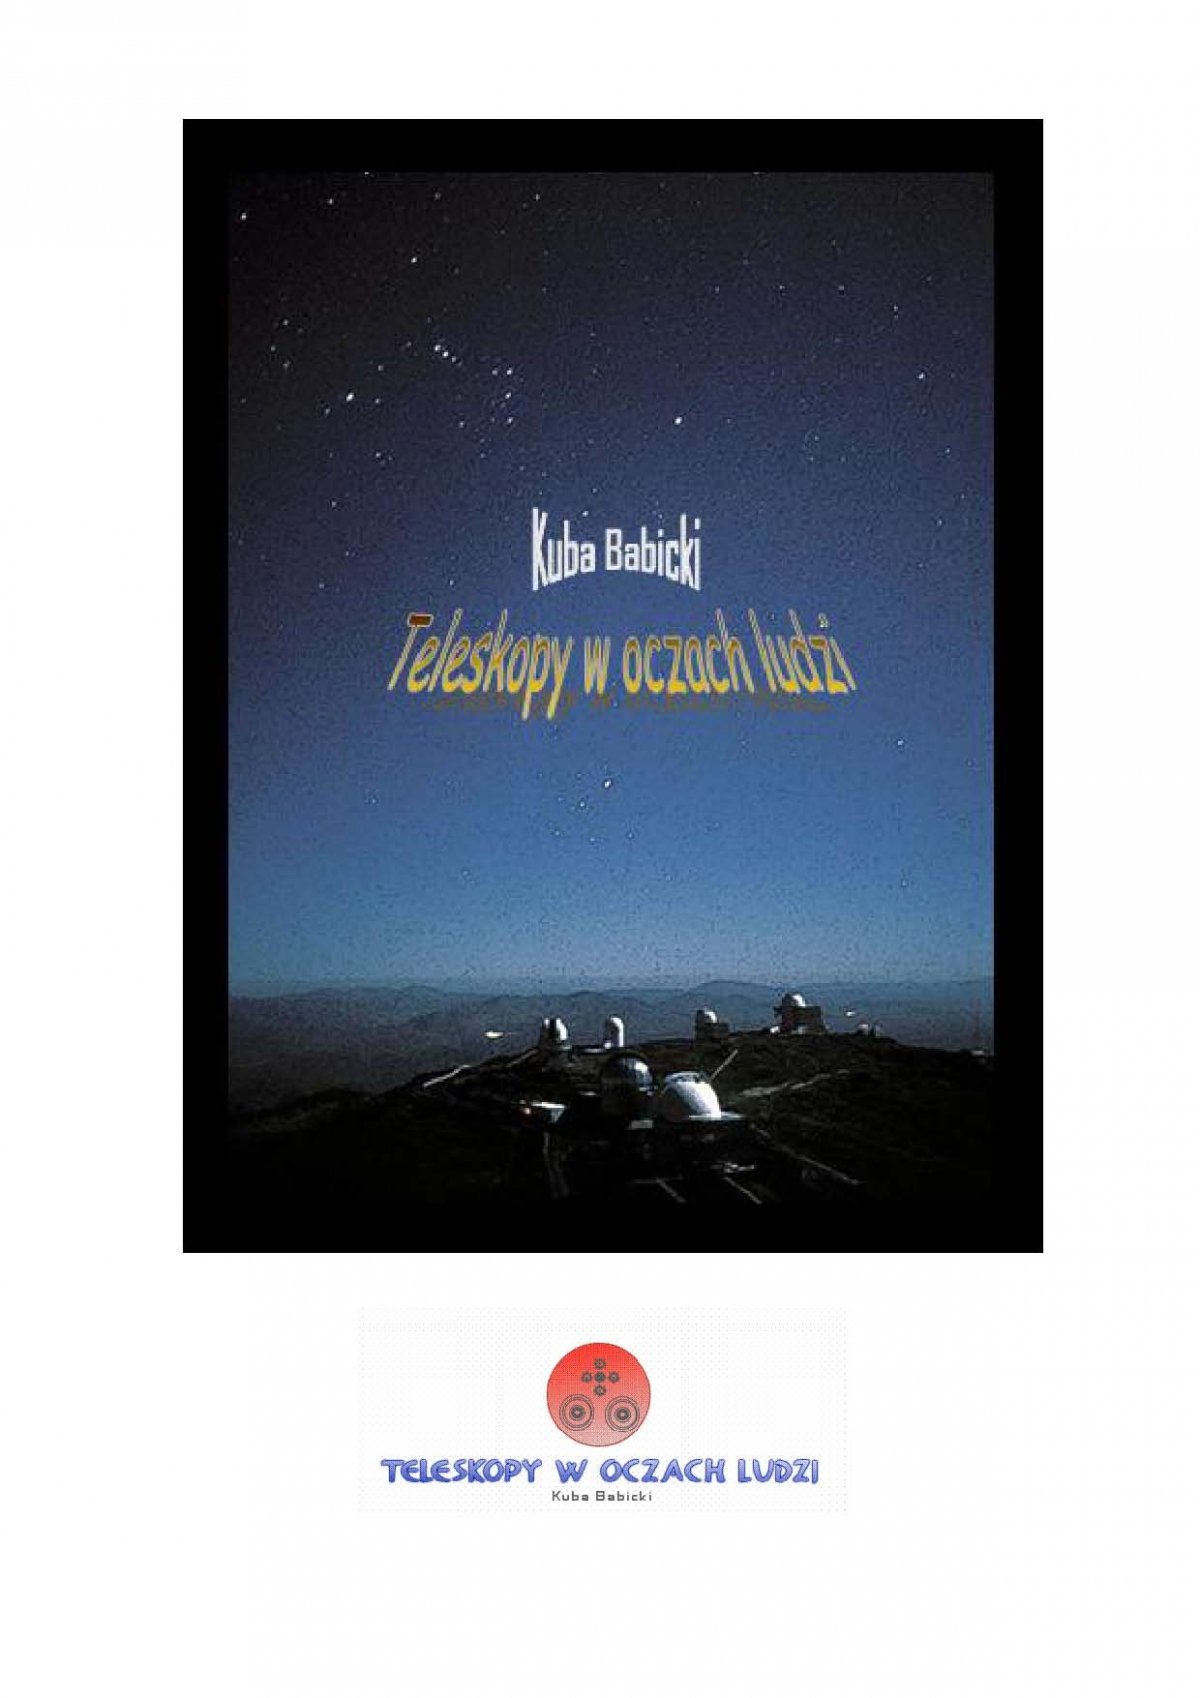 Teleskopy w oczach ludzi - Ebook (Książka EPUB) do pobrania w formacie EPUB